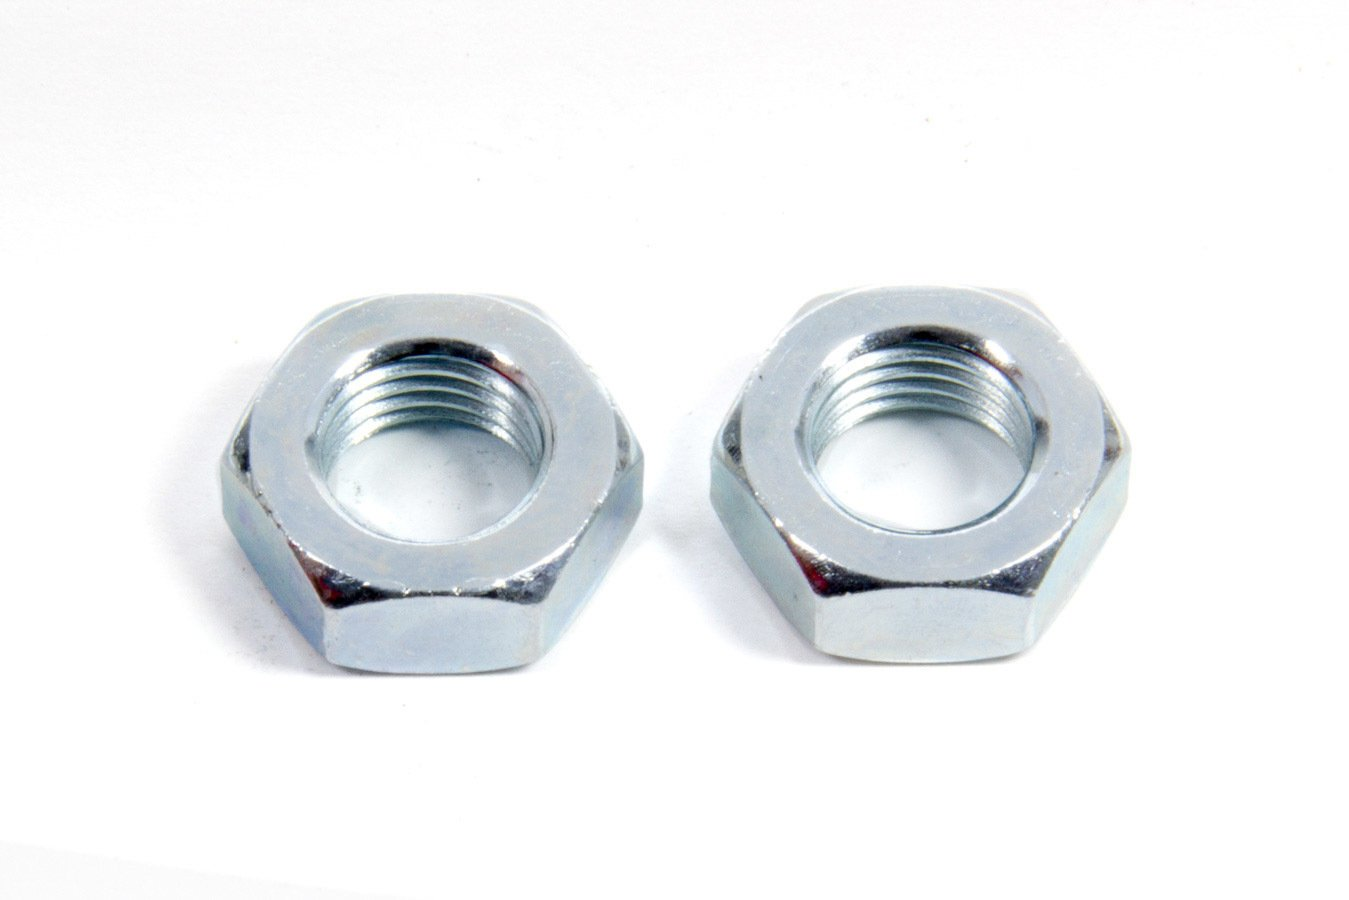 Aeroquip #4 Steel Bulkhead Locknu